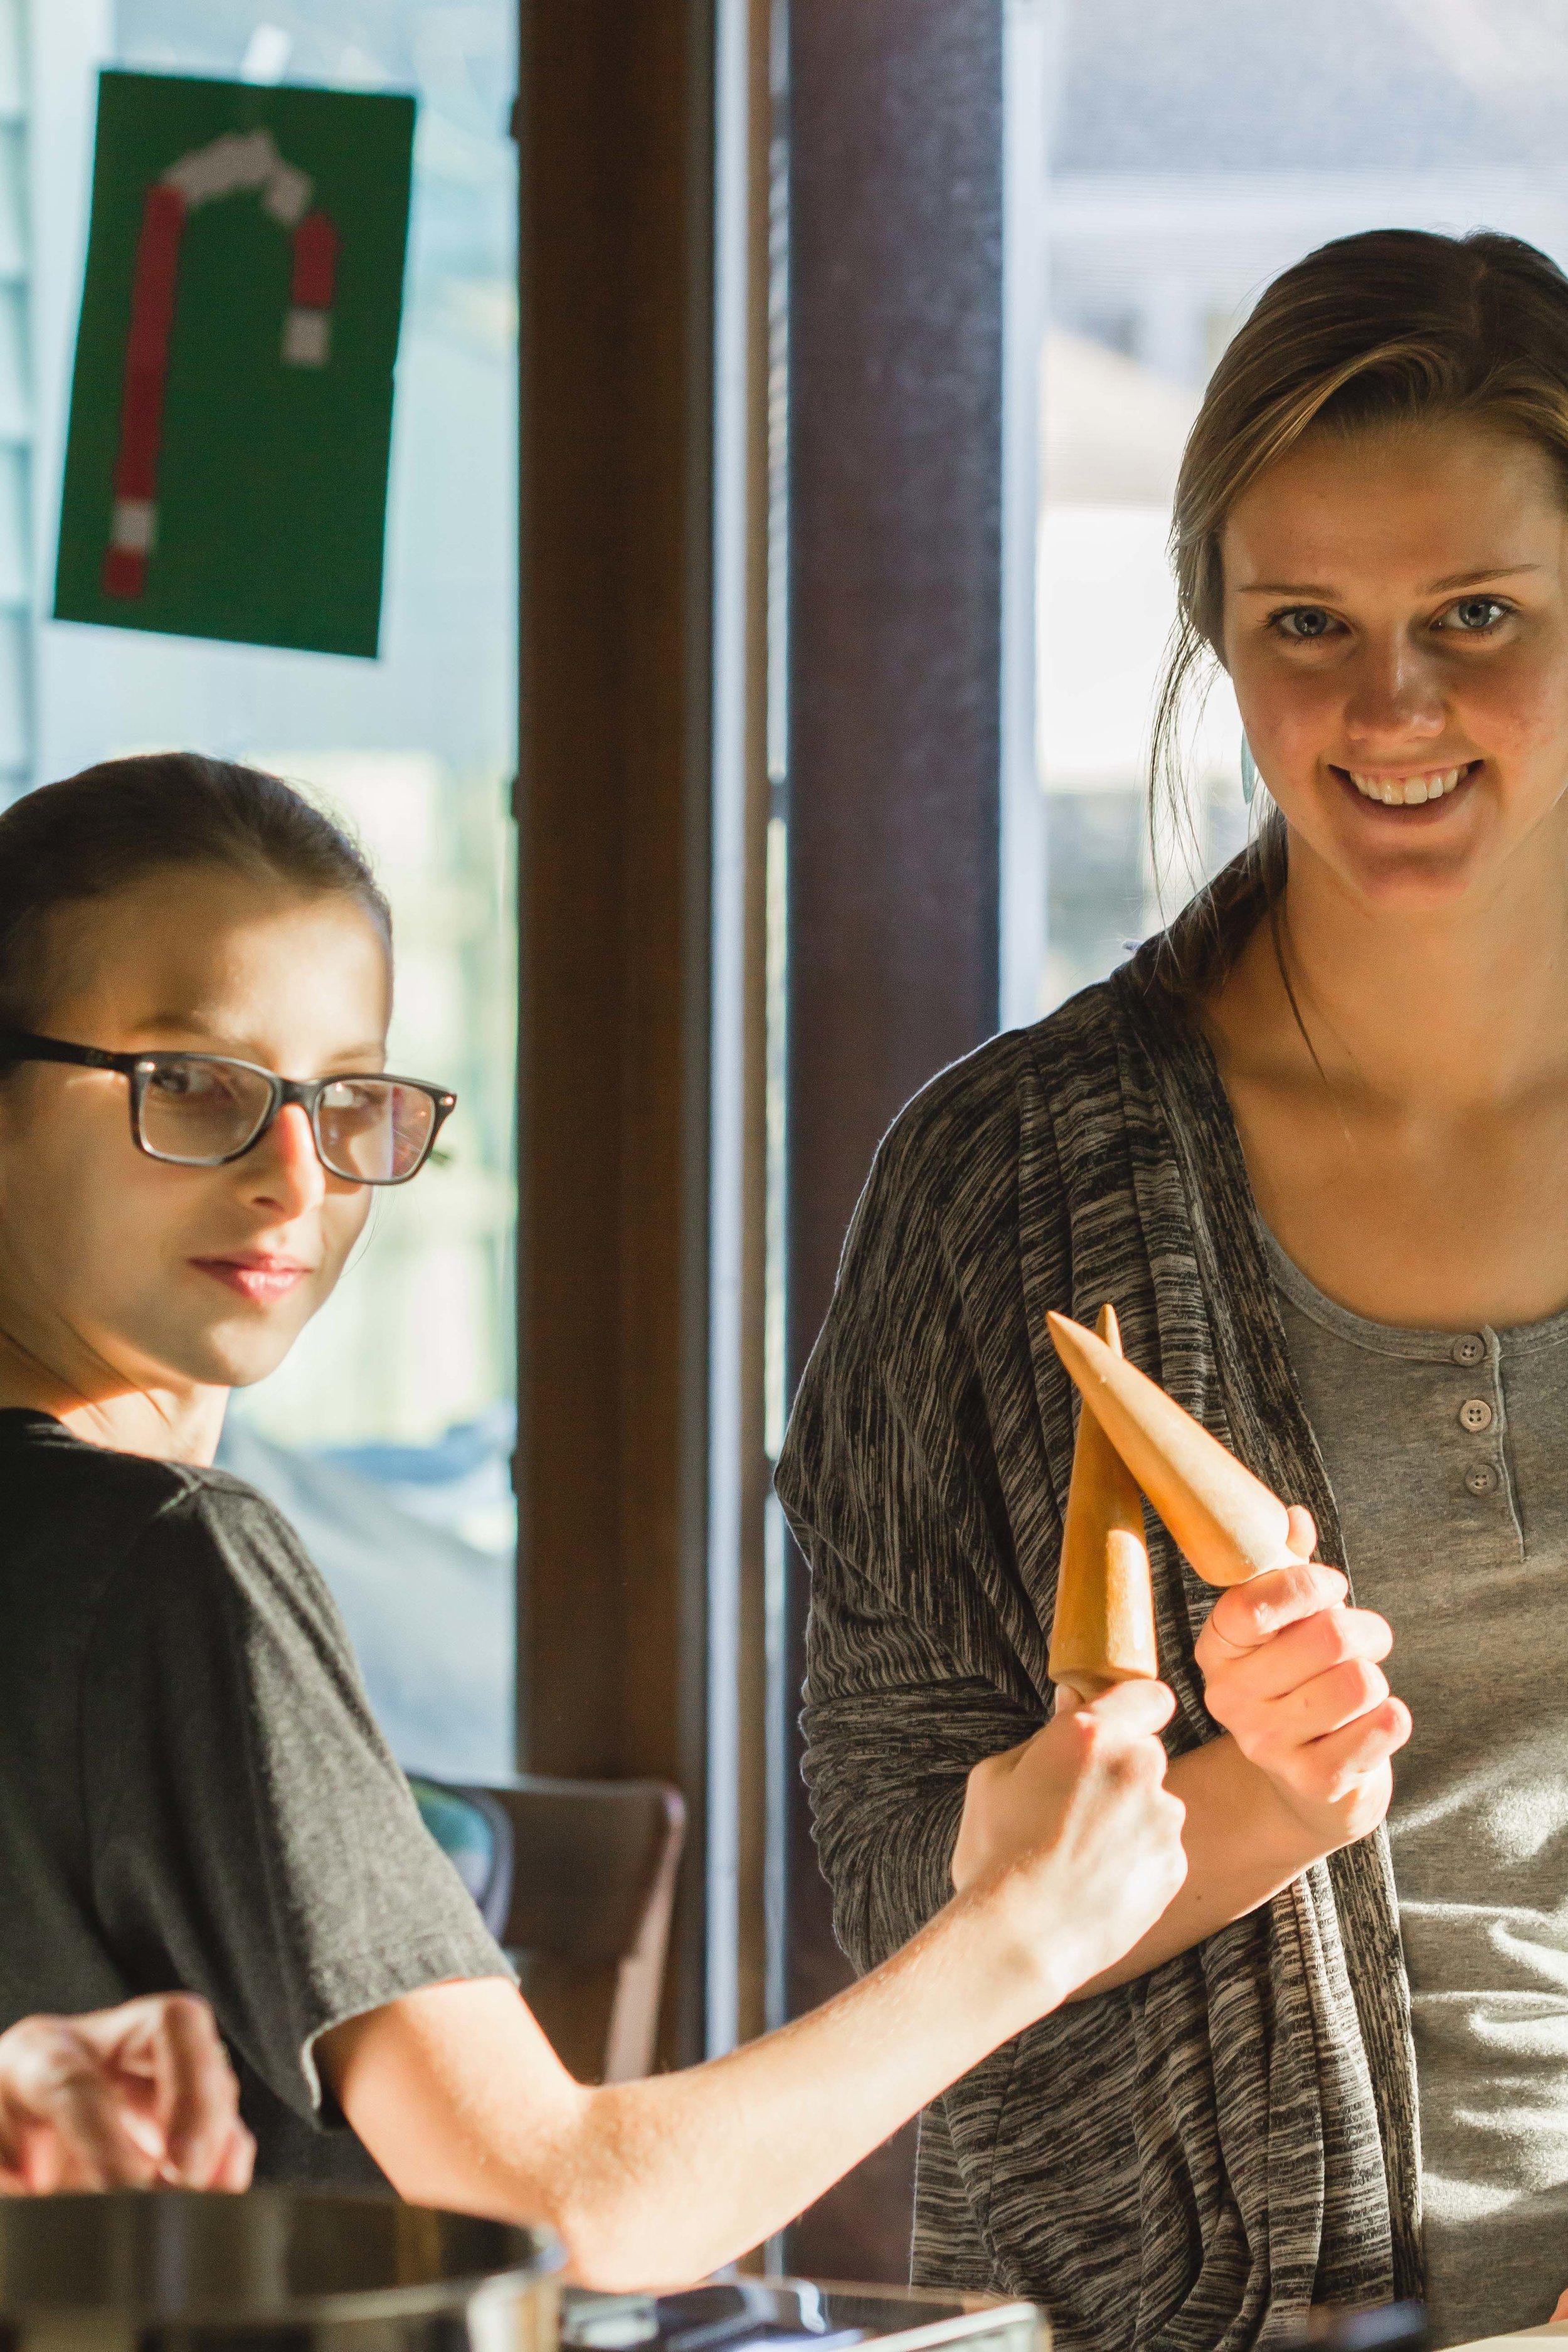 Swedish Tea Ring - Girls' Baking Day | Sarah J. Hauser-27.jpg